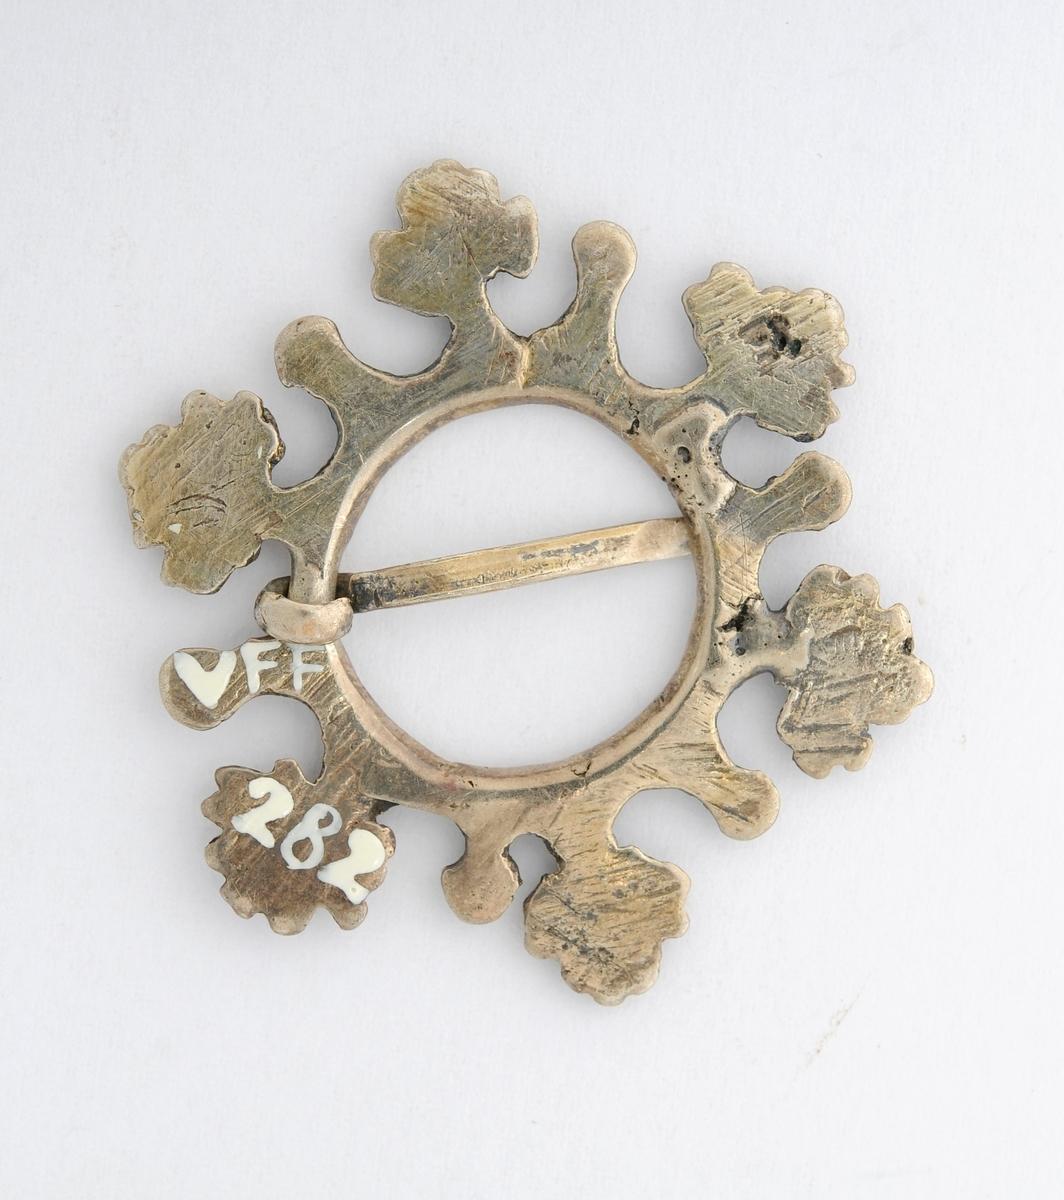 Sølje, spirsølje i sølv (utan stempel). Støypt med seks store taggar og seks små i ein ring. Open tann (nål). Bladdekor på framsida, baksida er glatt.